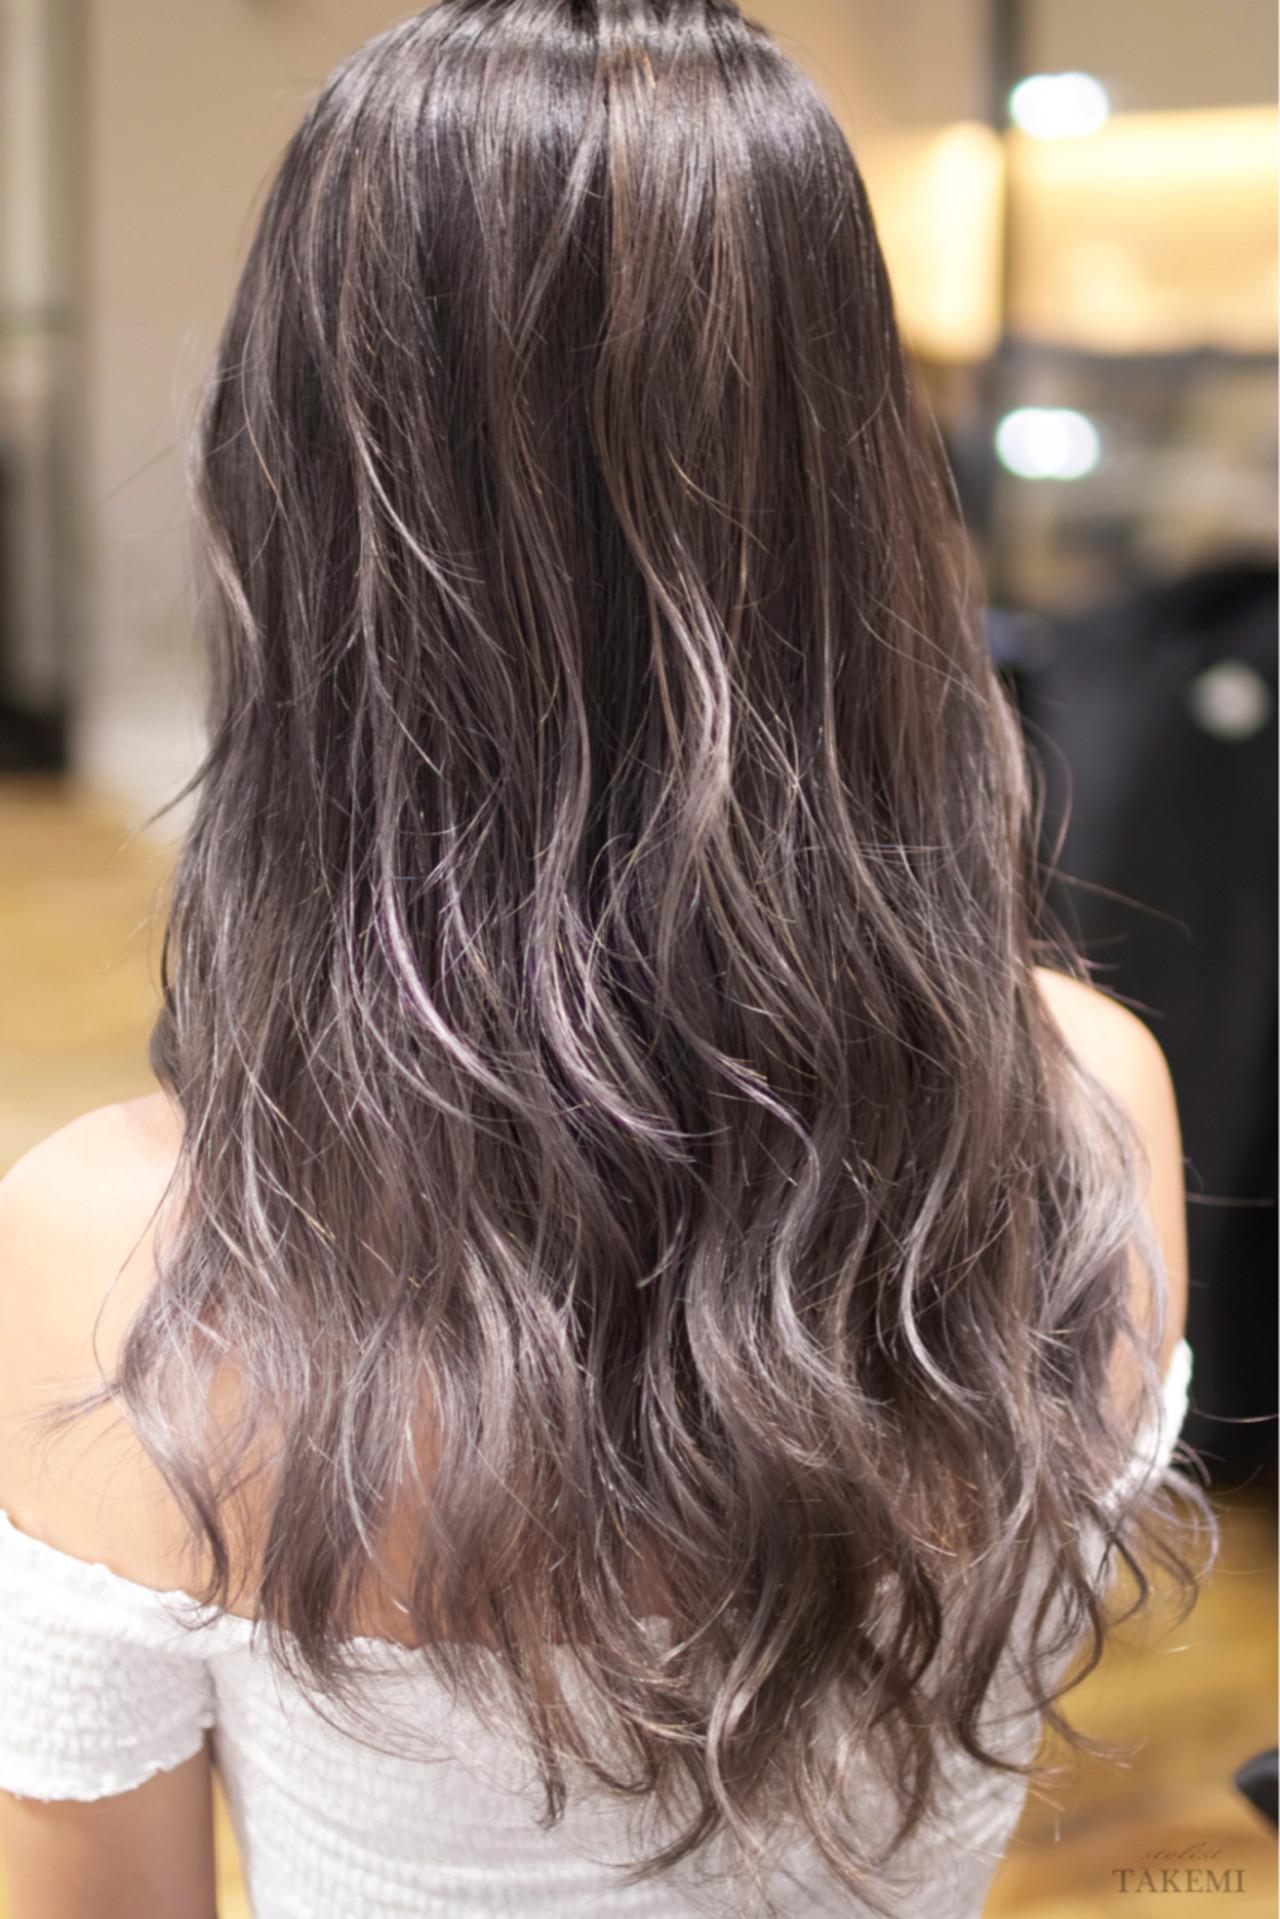 ガーリー ハイライト バレイヤージュ セミロング ヘアスタイルや髪型の写真・画像